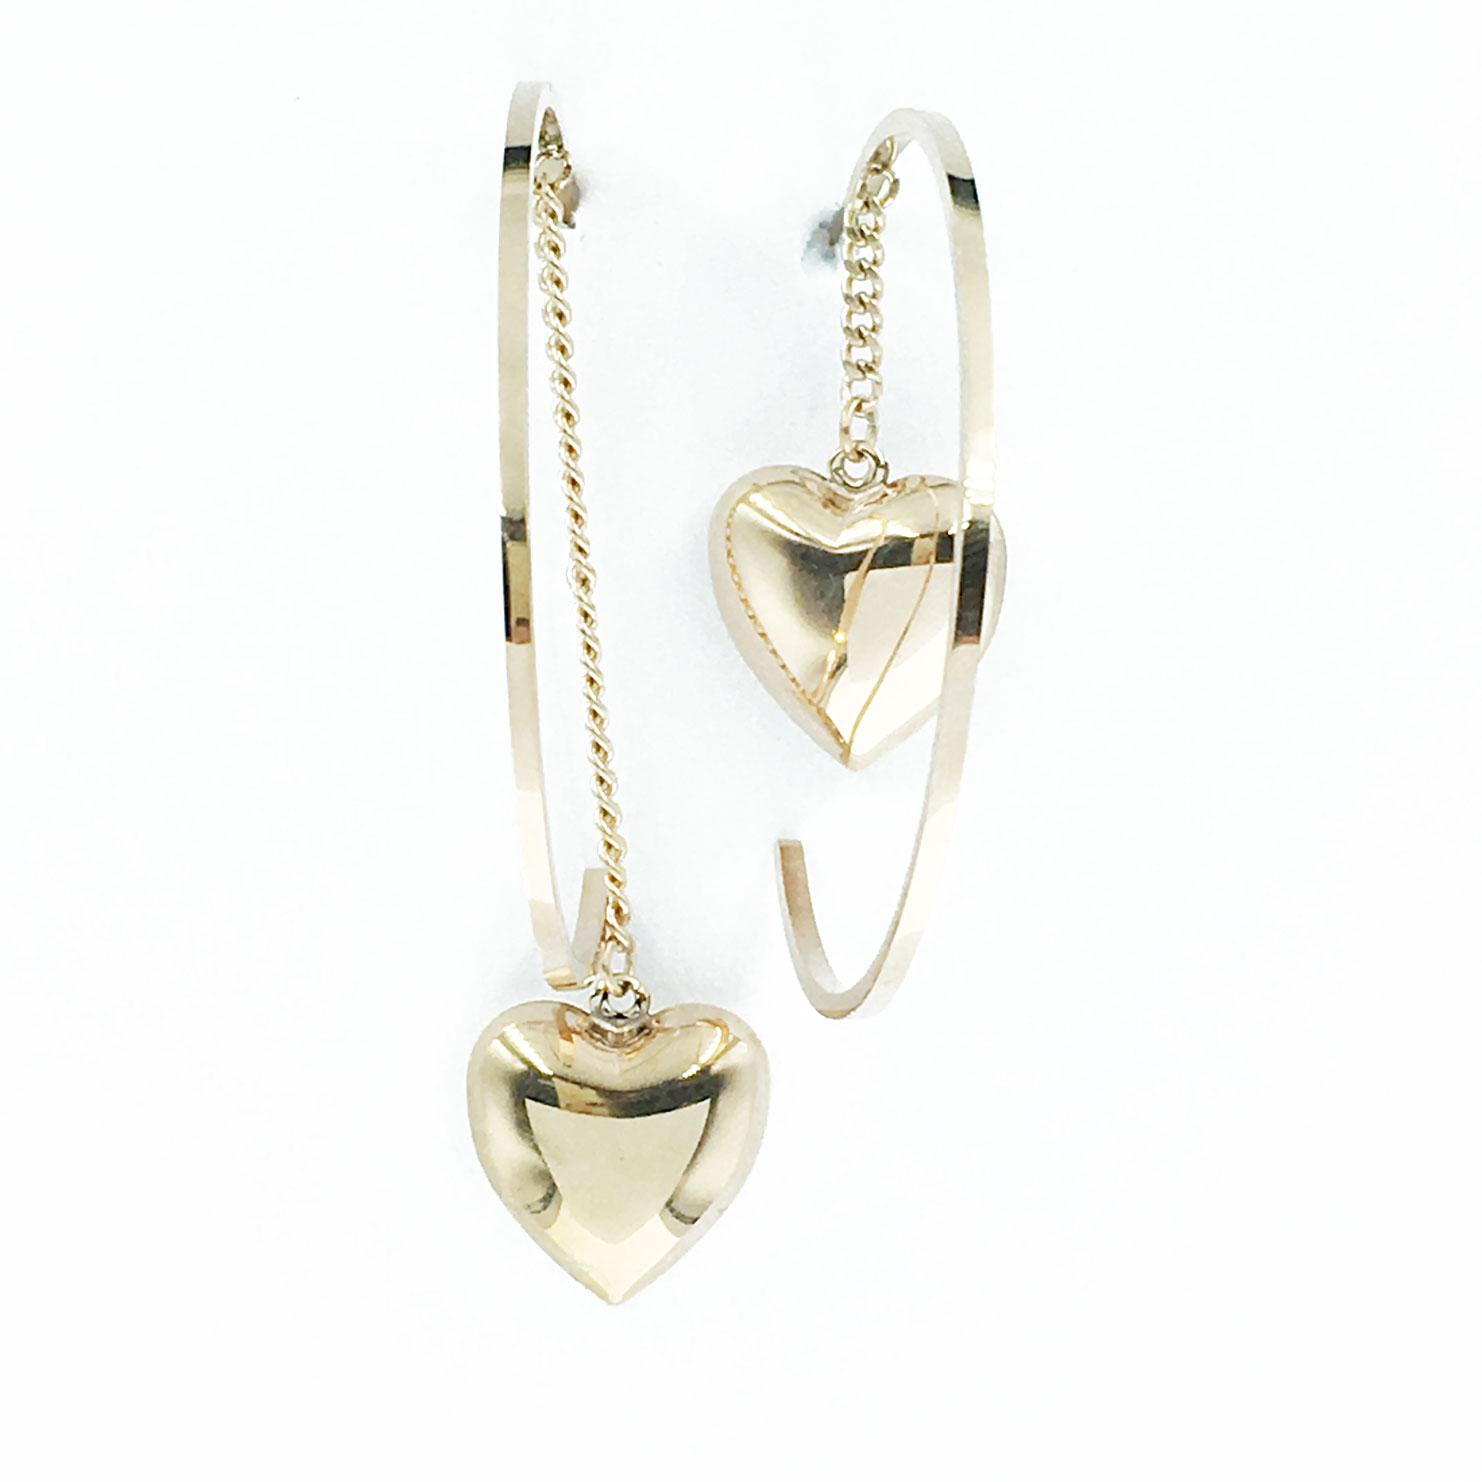 韓國 不銹鋼 愛心 金邊 簡單 不對稱 垂墜感 耳針式 耳環